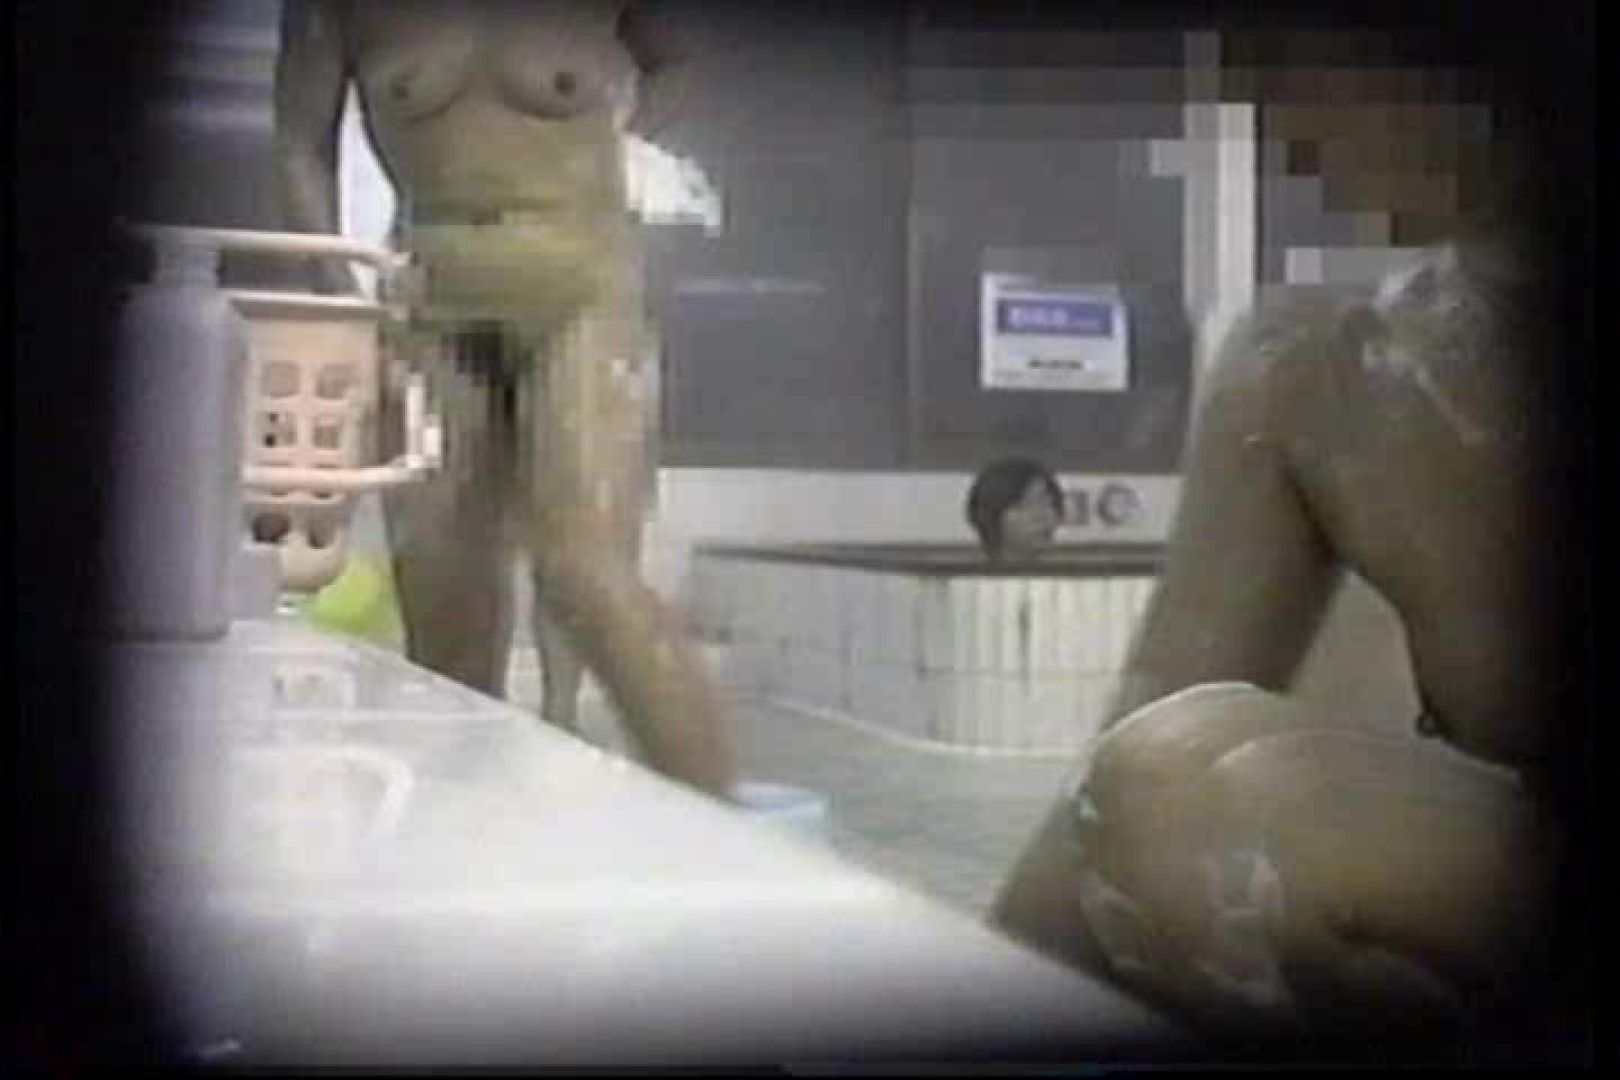 洗面器にカメラを仕込んで洗い場内を移動盗撮 TK-131 裸体  93PICs 70